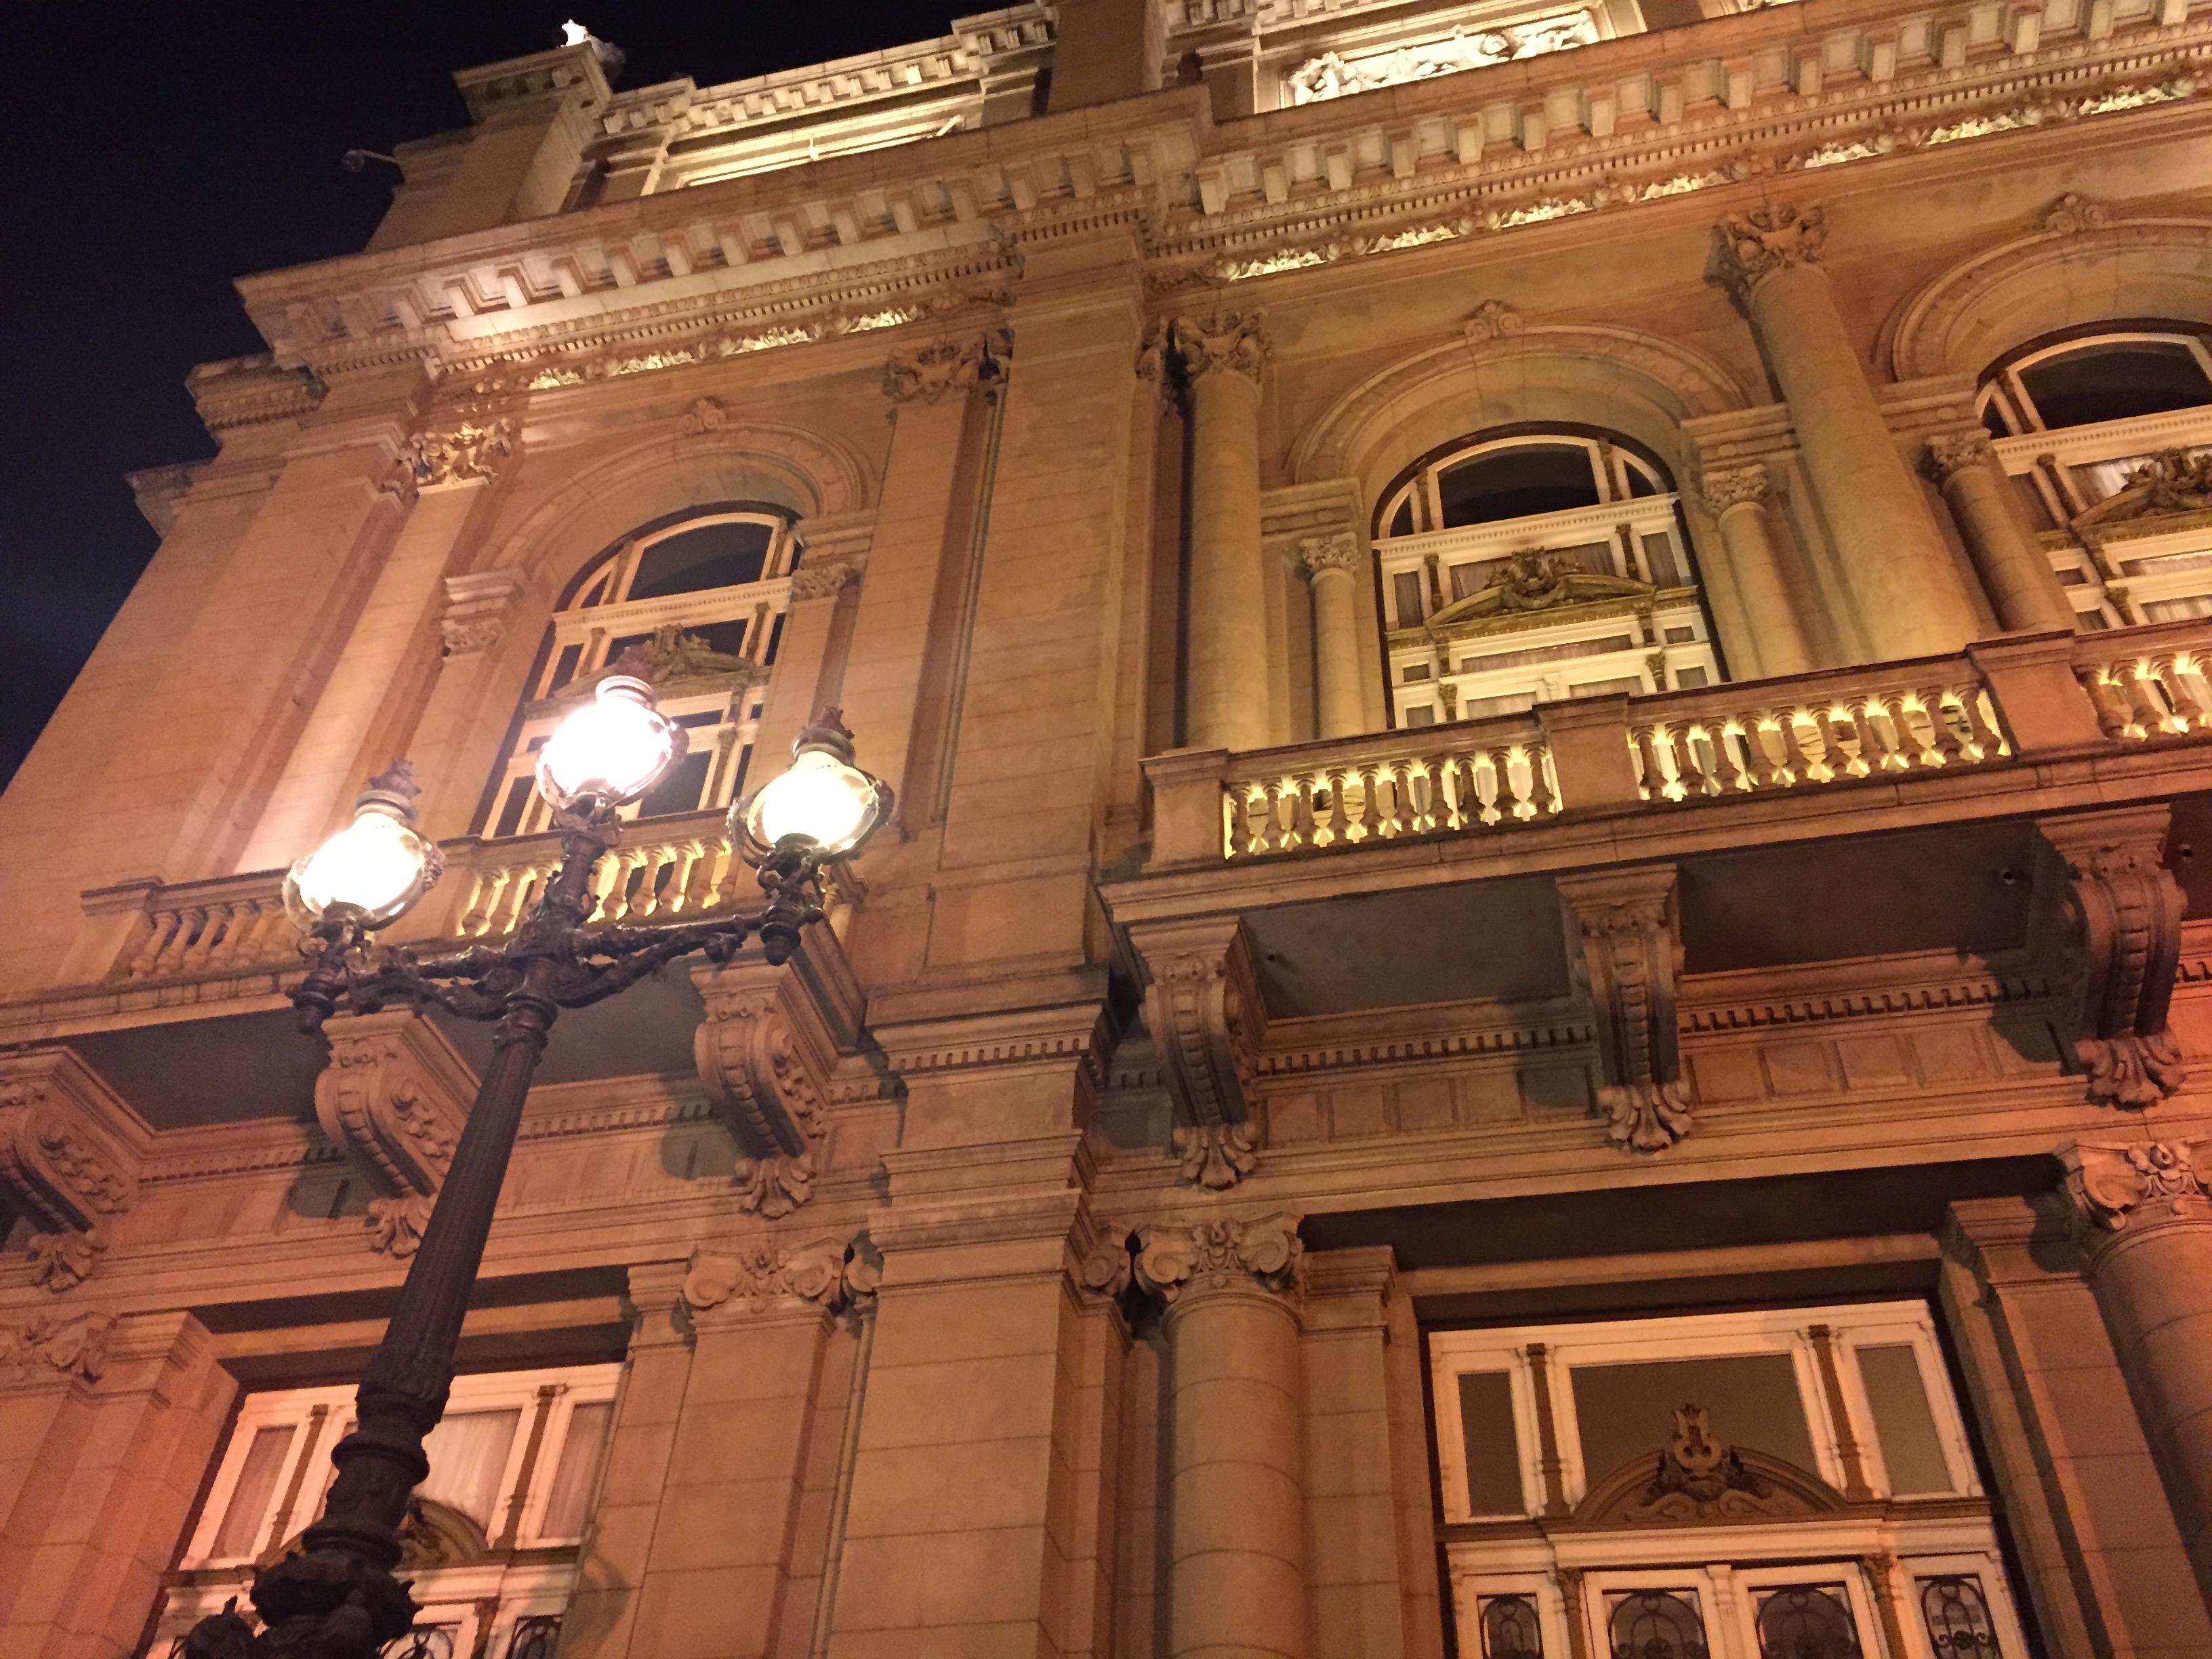 img 6731 - ¿Conviene comprar un abono para el Teatro Colon? (Parte I/II)